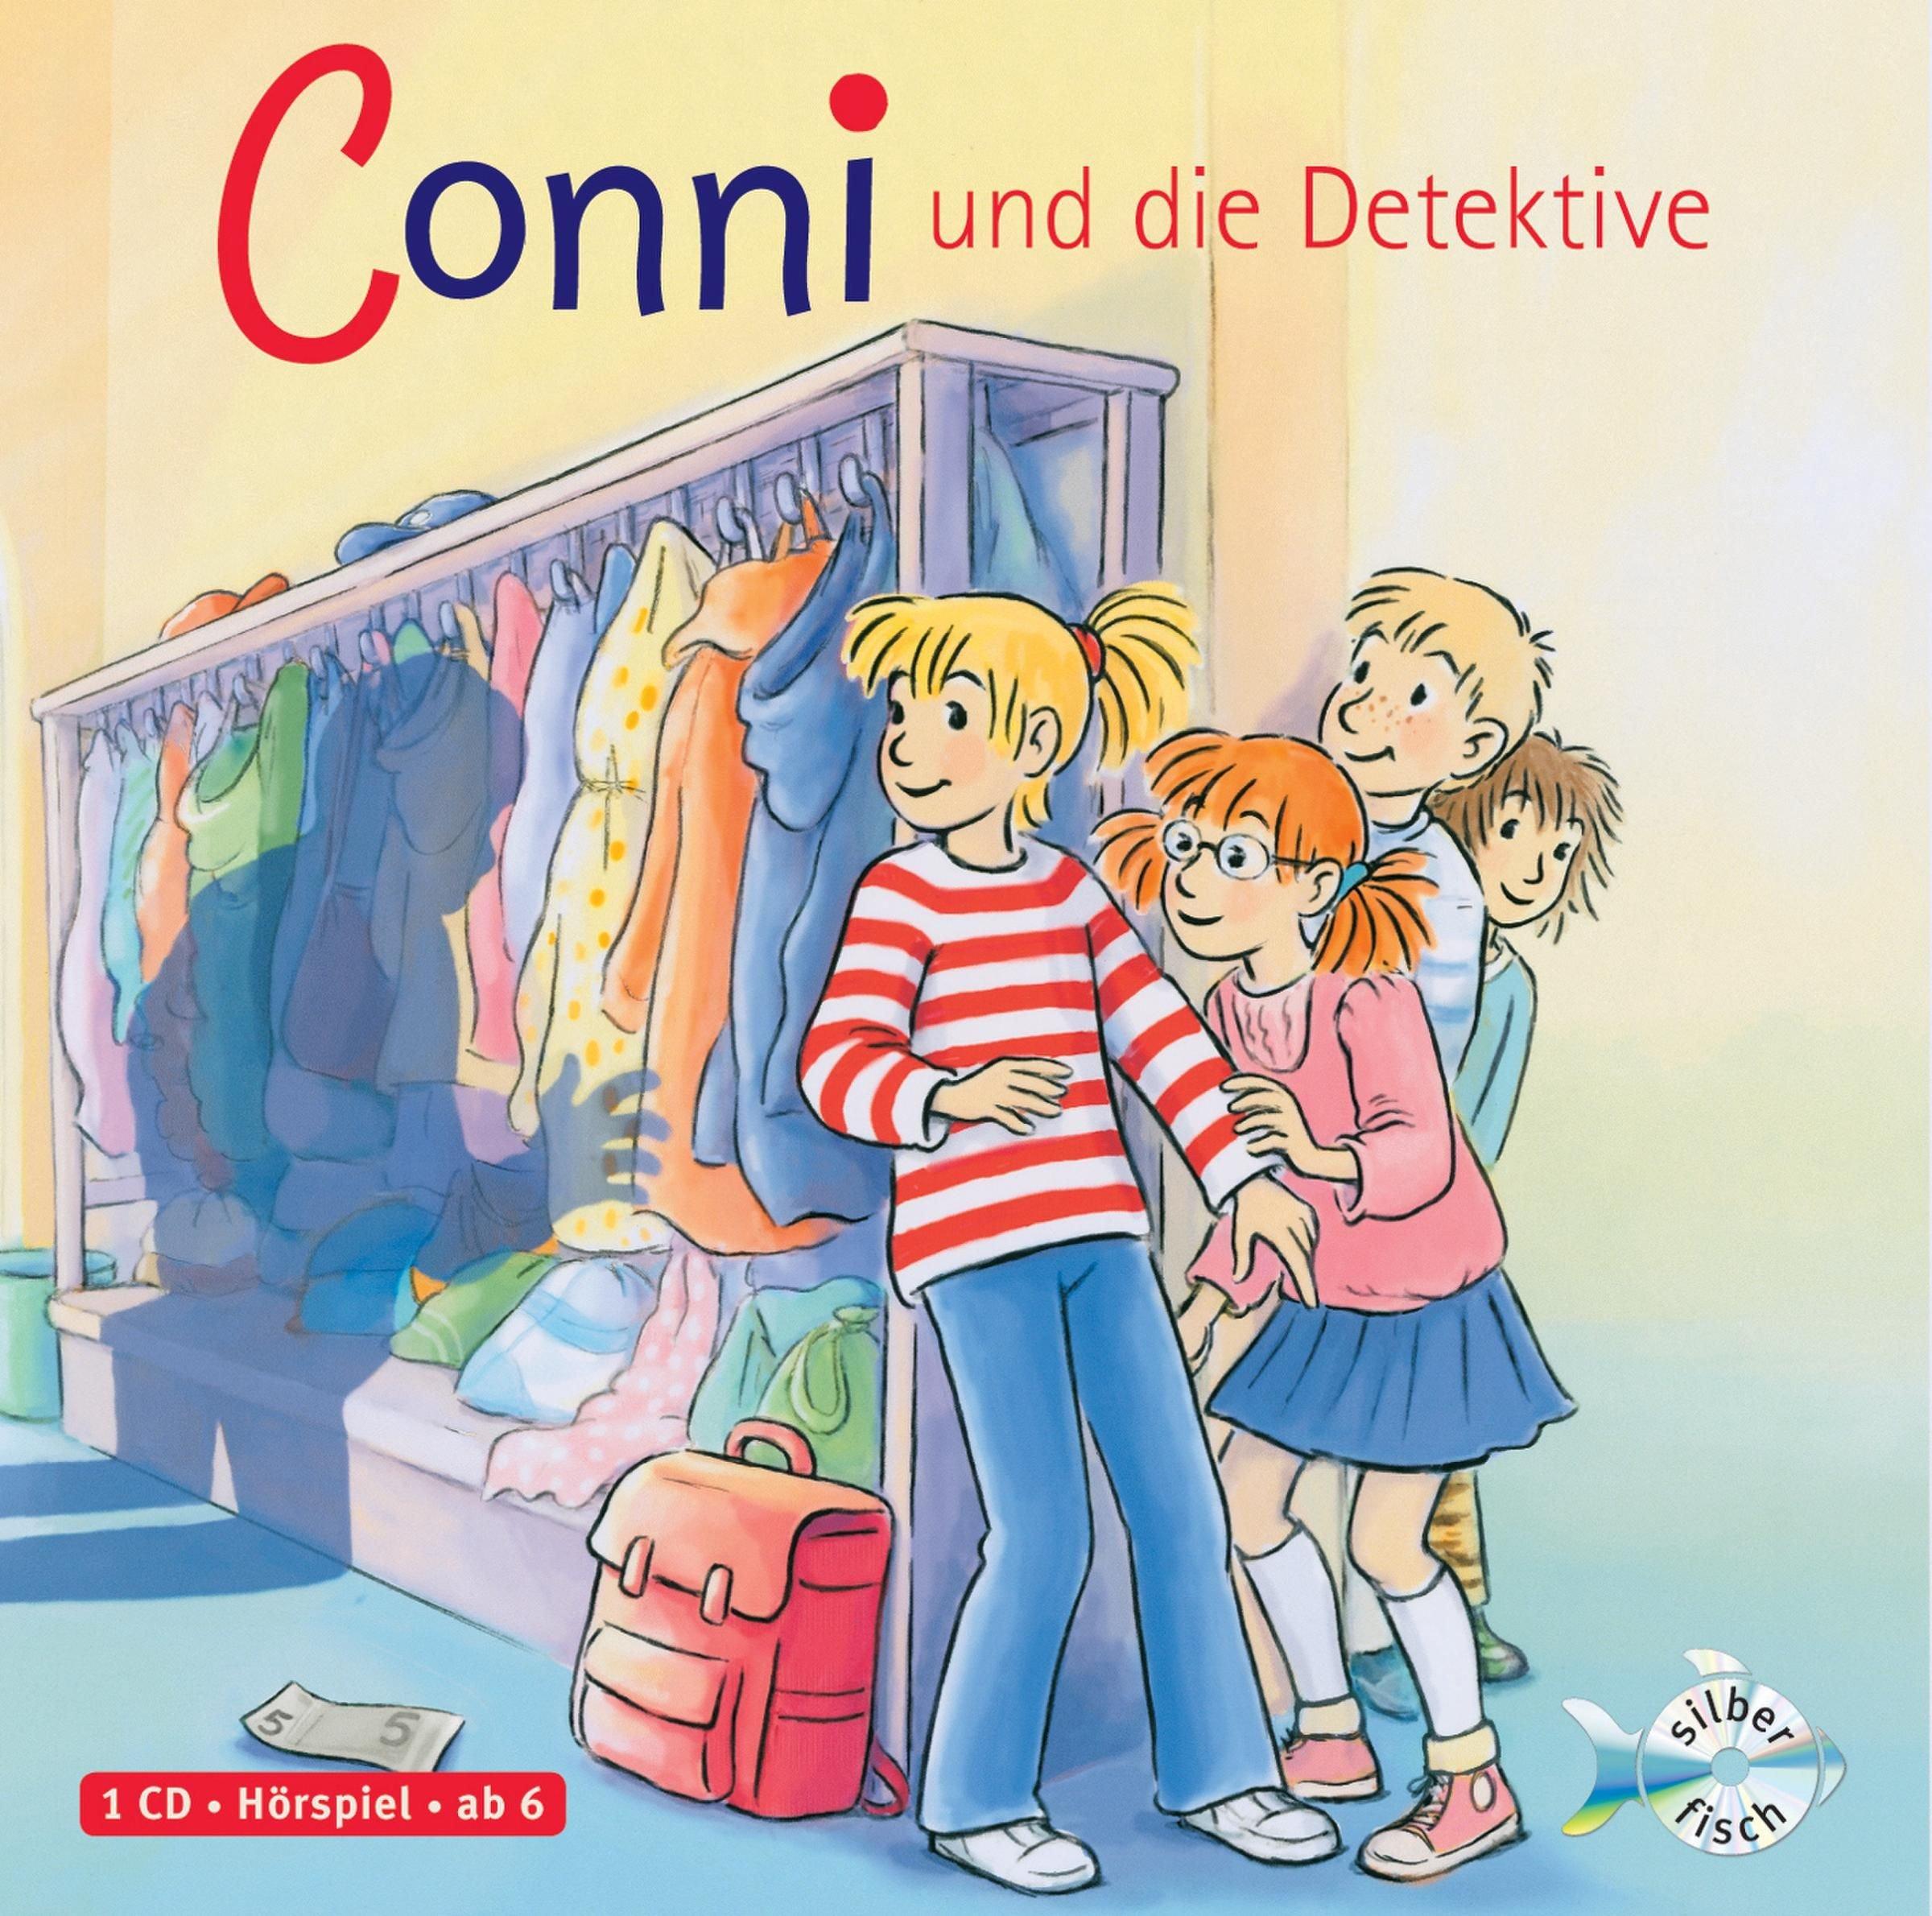 Conni und die Detektive: 1 CD (Meine Freundin Conni - ab 6, Band 18)